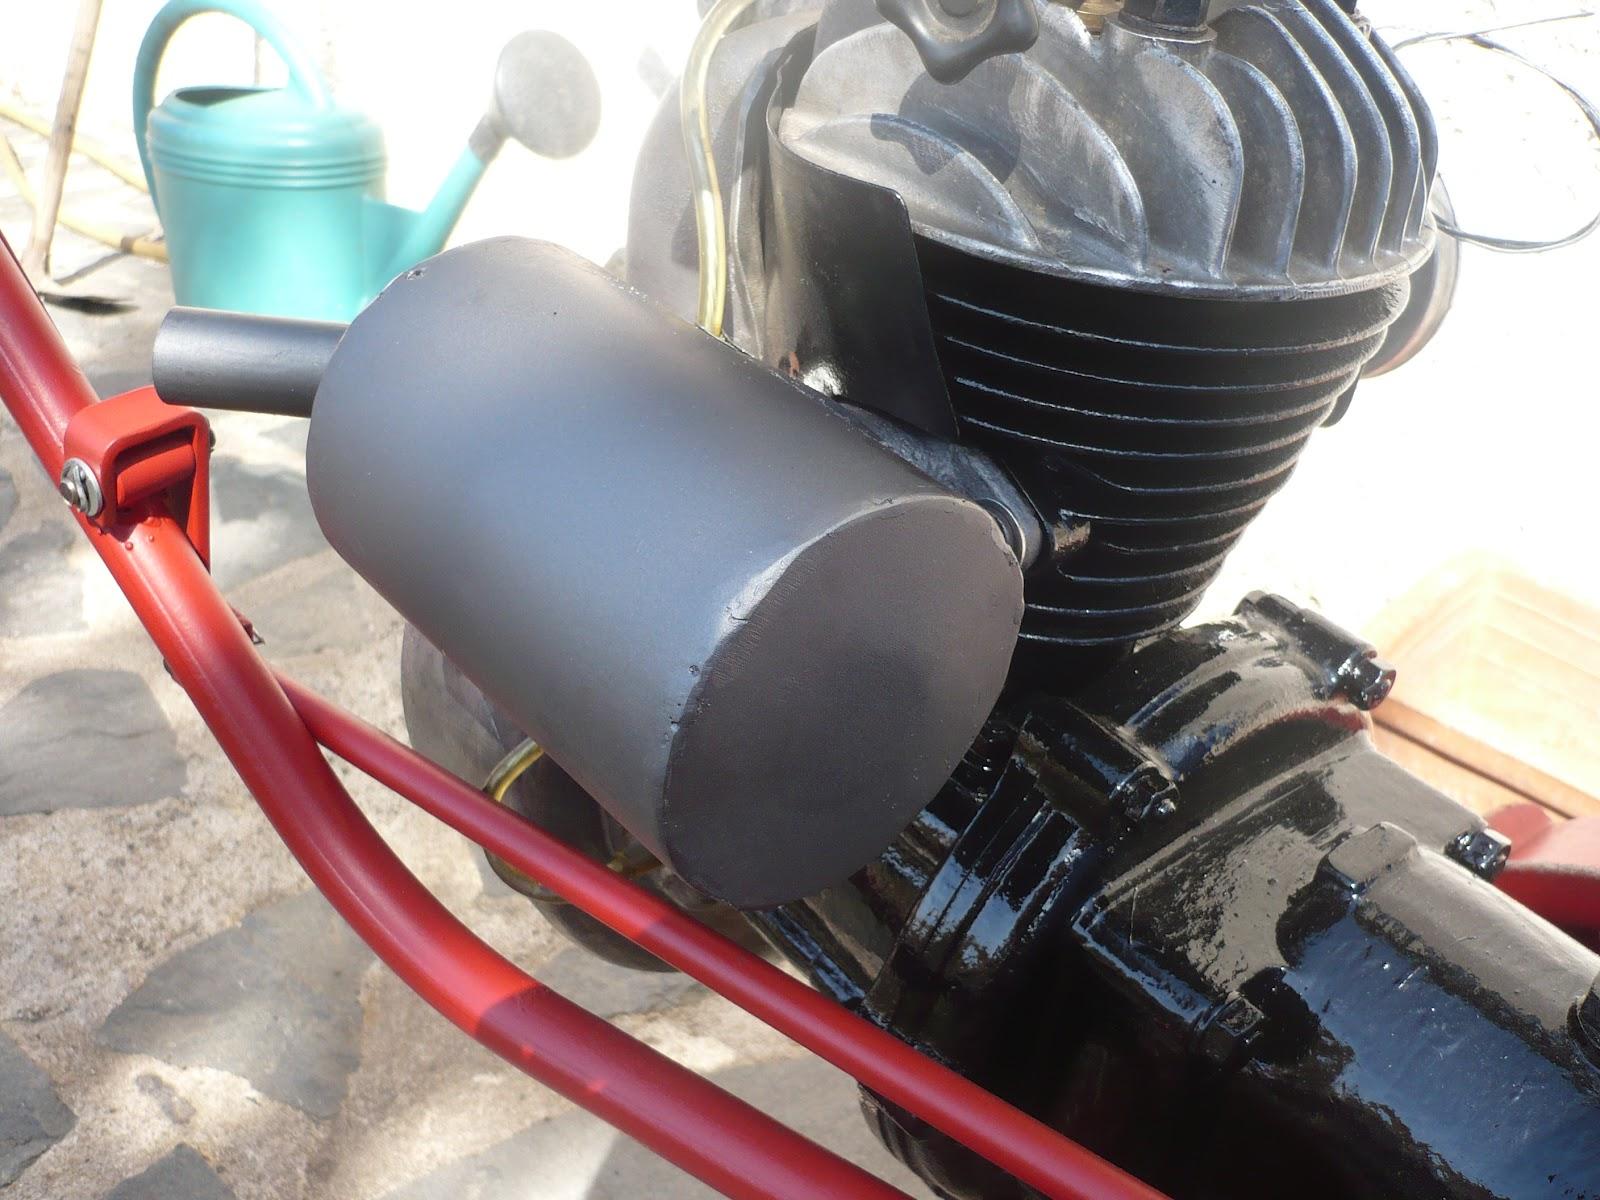 mecanique motors  restauration d u0026 39 une moto